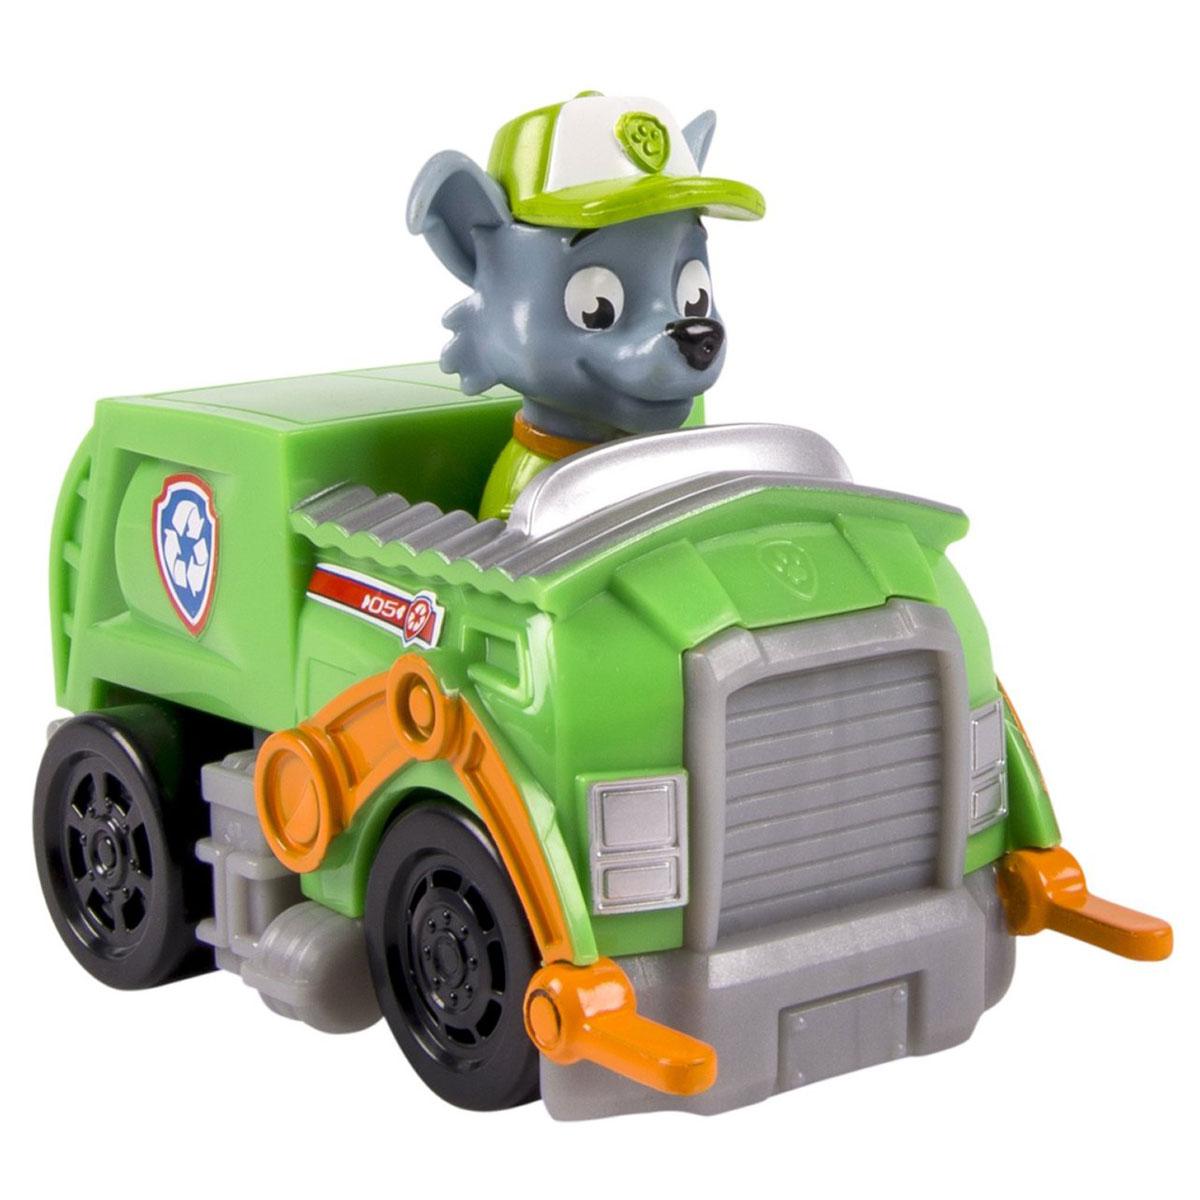 Paw Patrol Игрушка Машинка спасателя. Recycle Truck Rocky16605 Recycle Truck RockyИгрушка Машинка спасателя. Recycle Truck Rocky непременно порадует малыша. Грузовик с героем популярного анимационного мультфильма выполнен из высококачественной пластмассы. Игрушка помогает развивать мелкую моторику, цветовосприятие и воображение. Рекомендуемый возраст: от 2 лет.